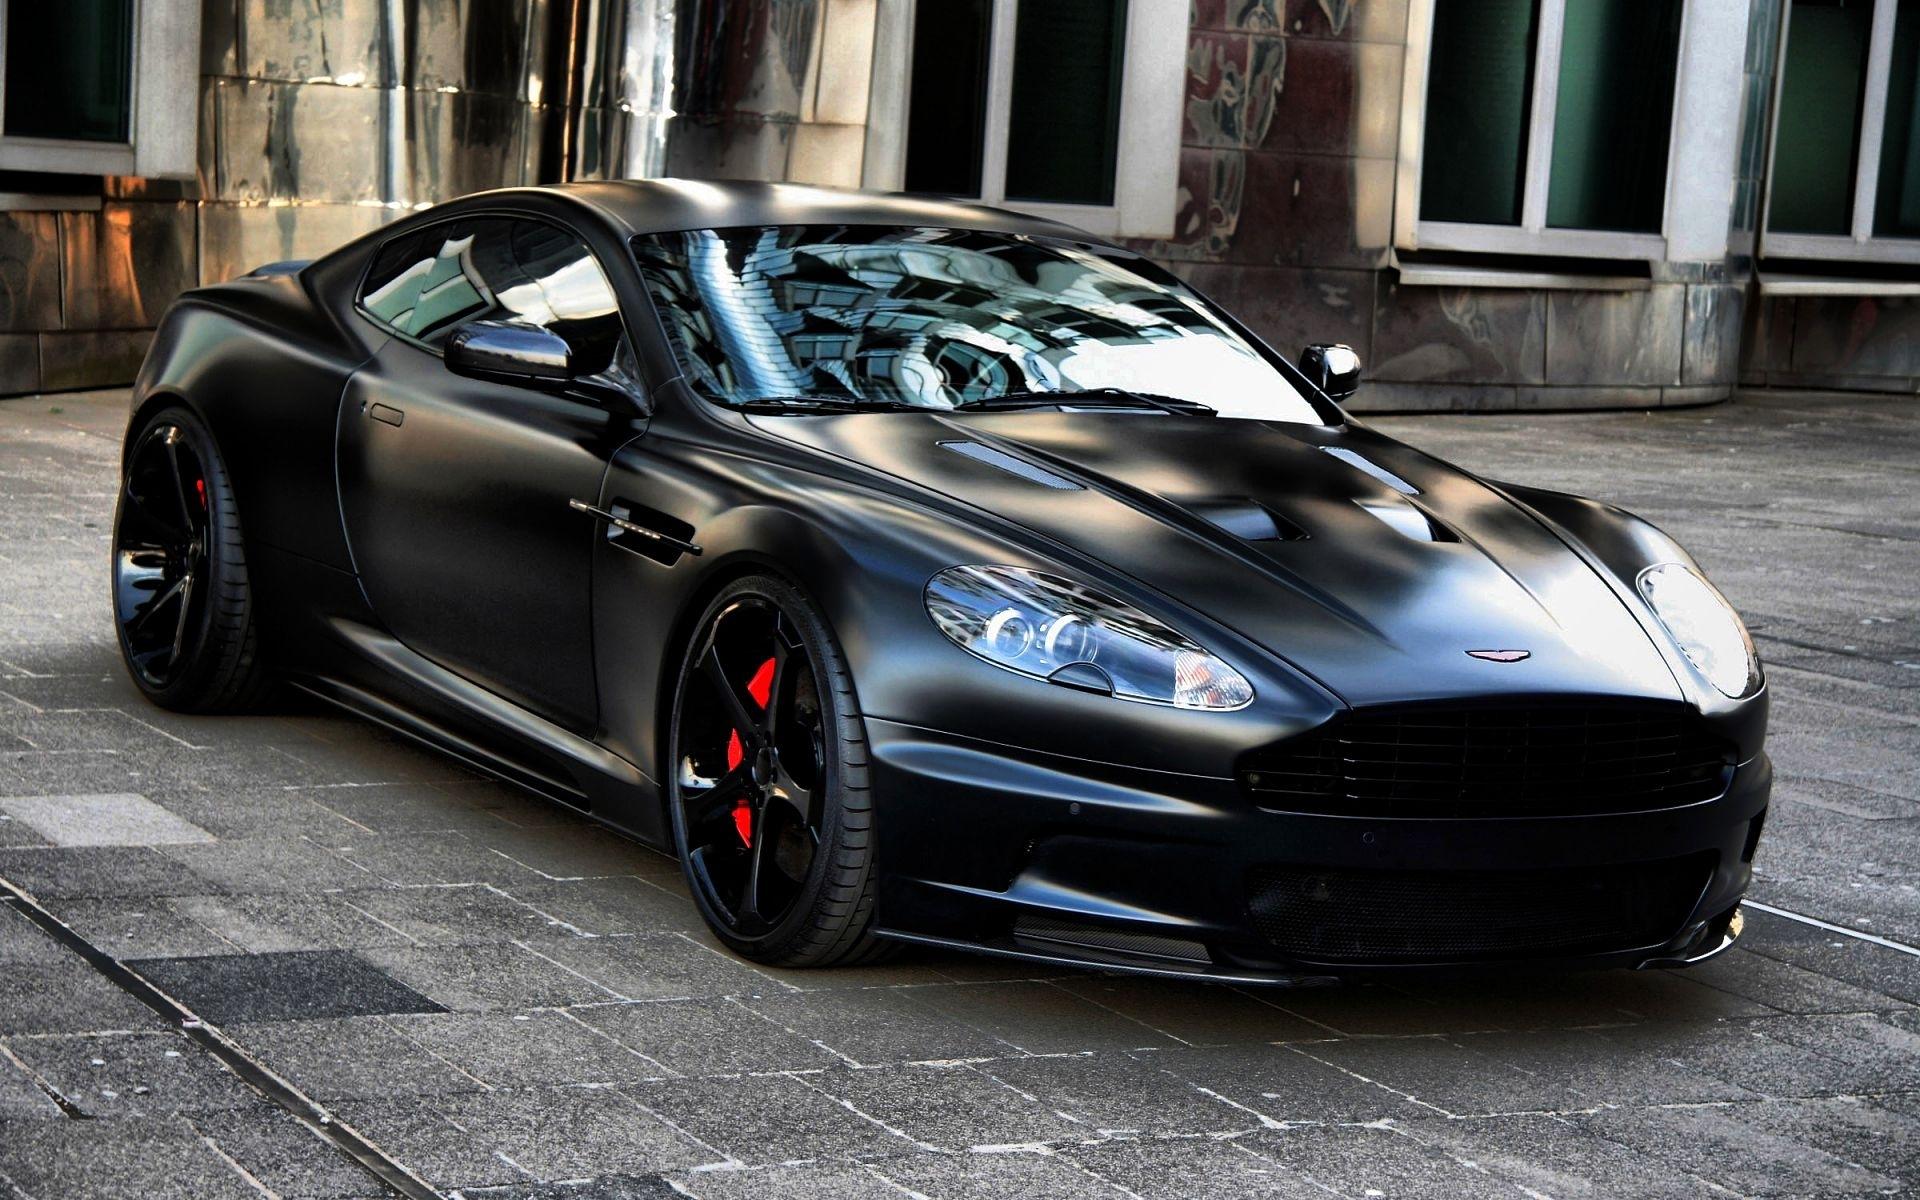 45521 скачать обои Транспорт, Машины, Астон Мартин (Aston Martin) - заставки и картинки бесплатно